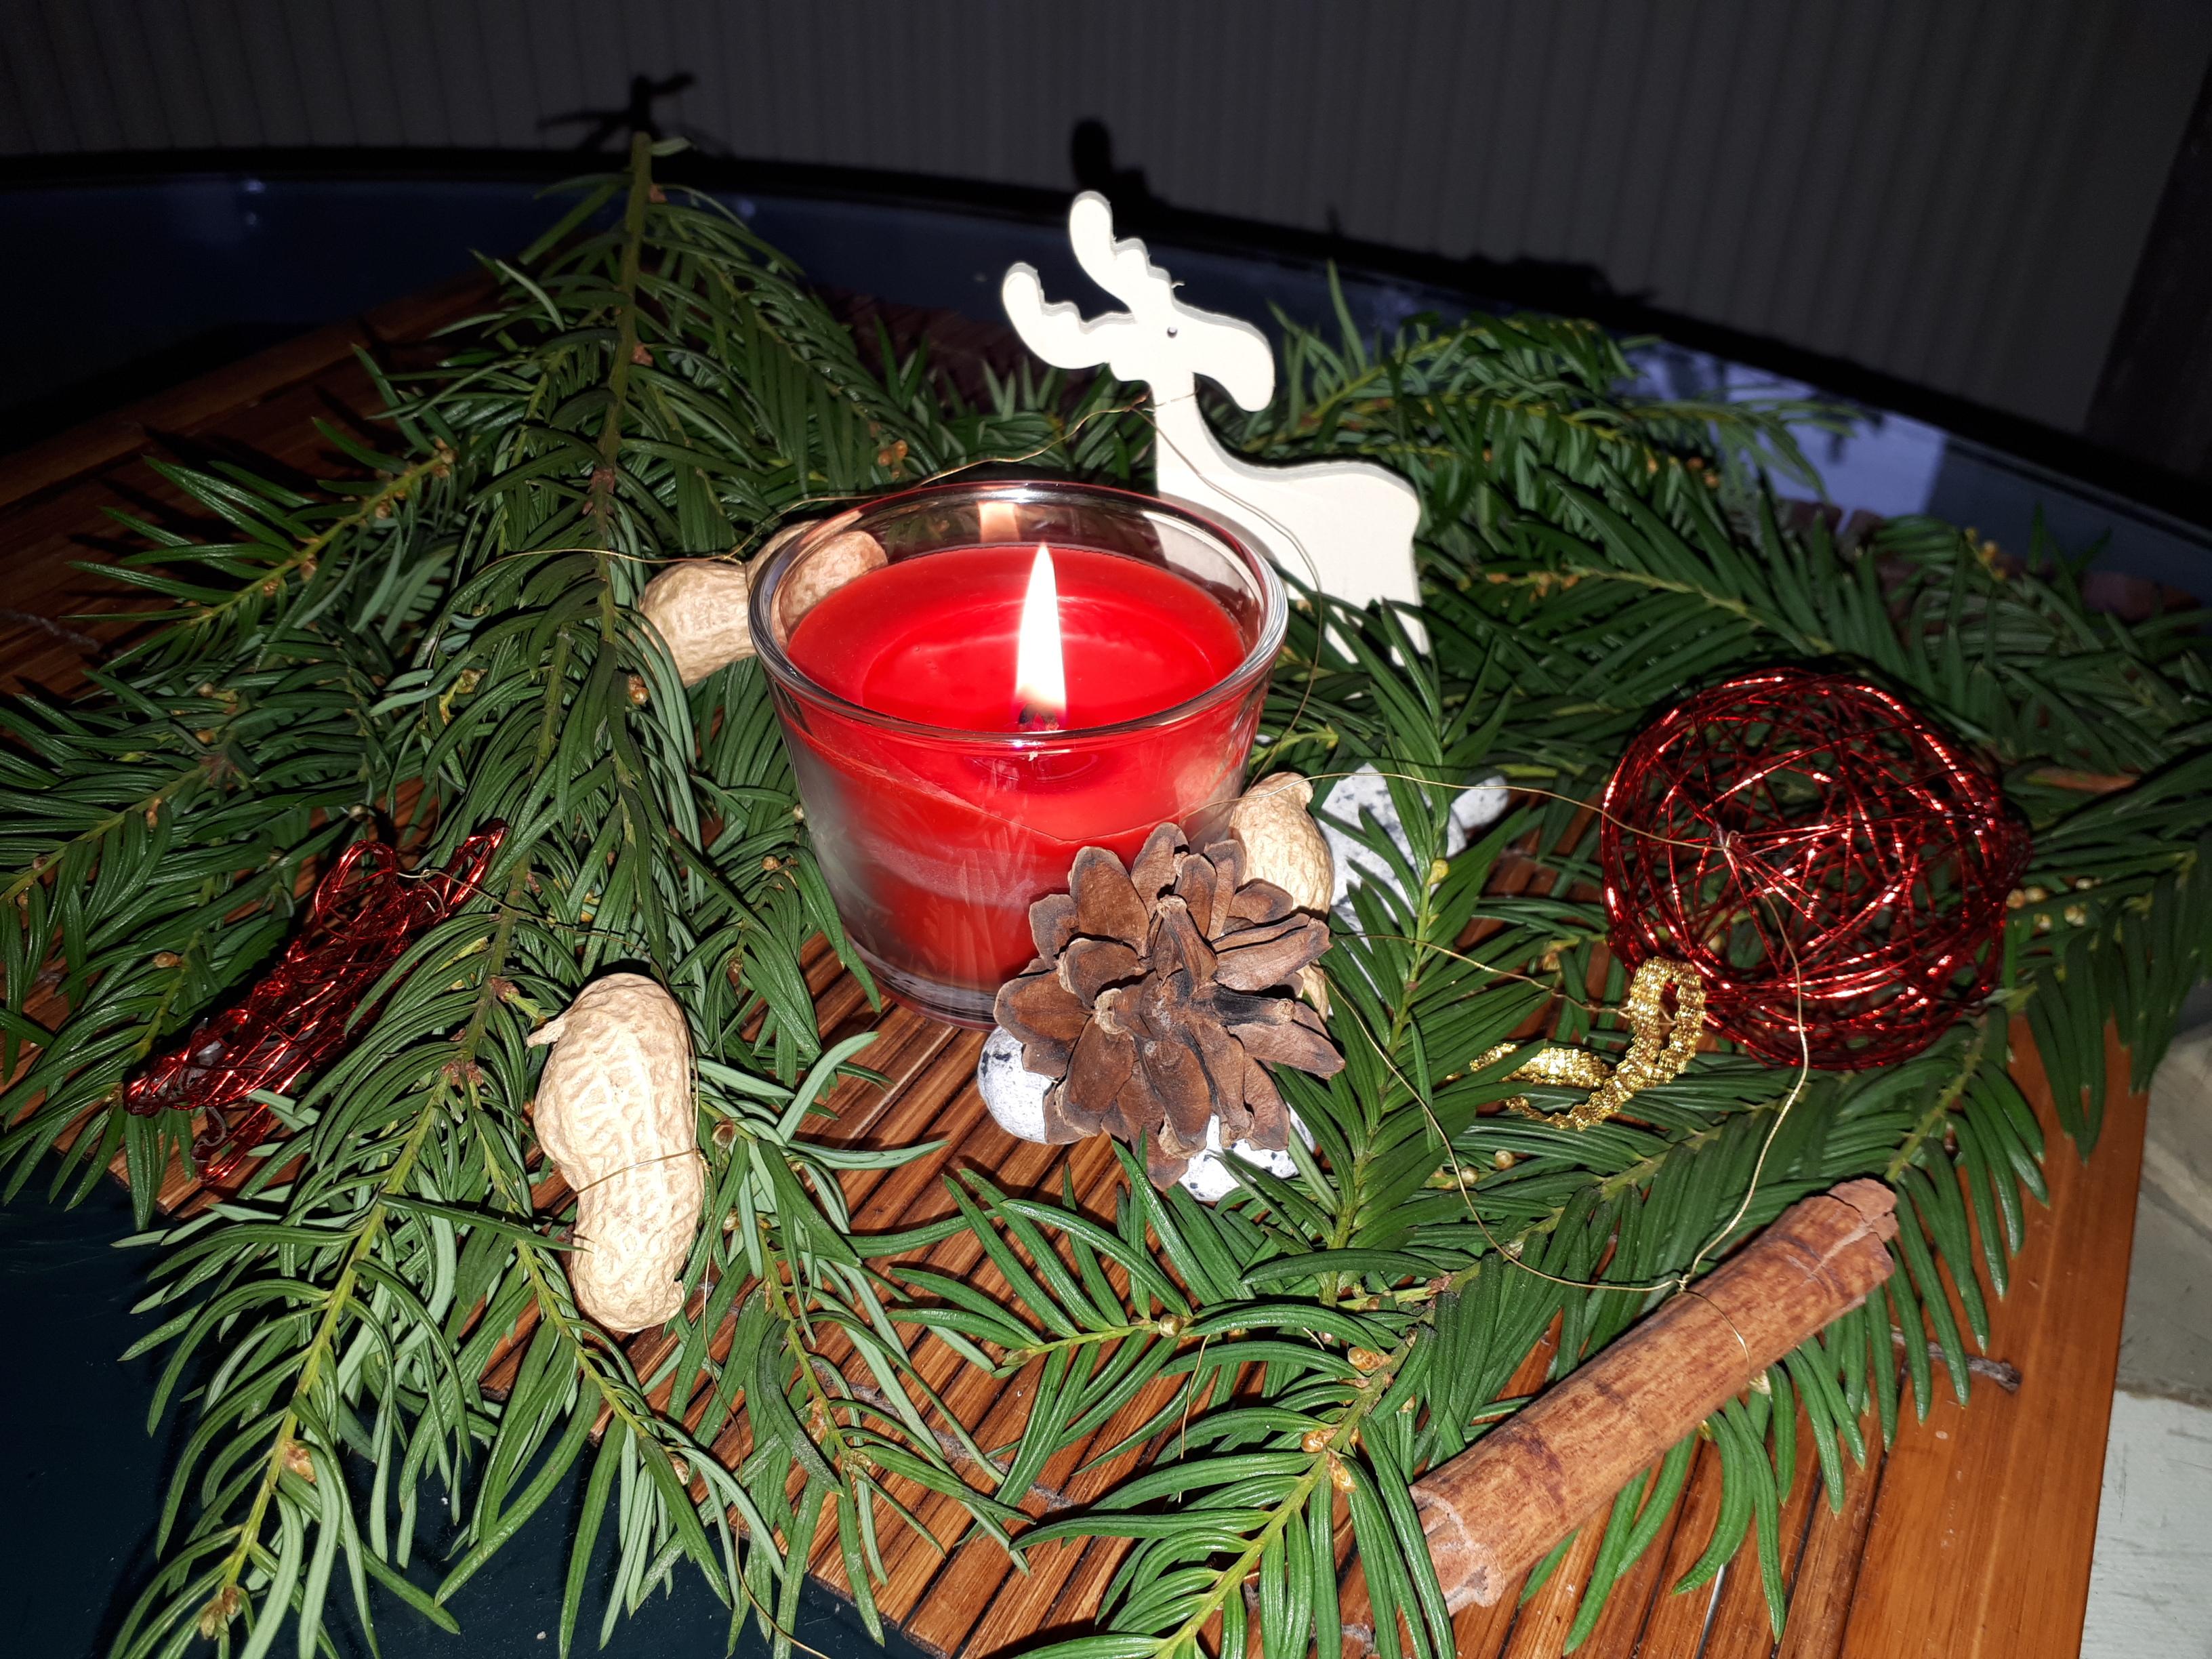 Adventszeit Kerze Weihnachten made in freedom